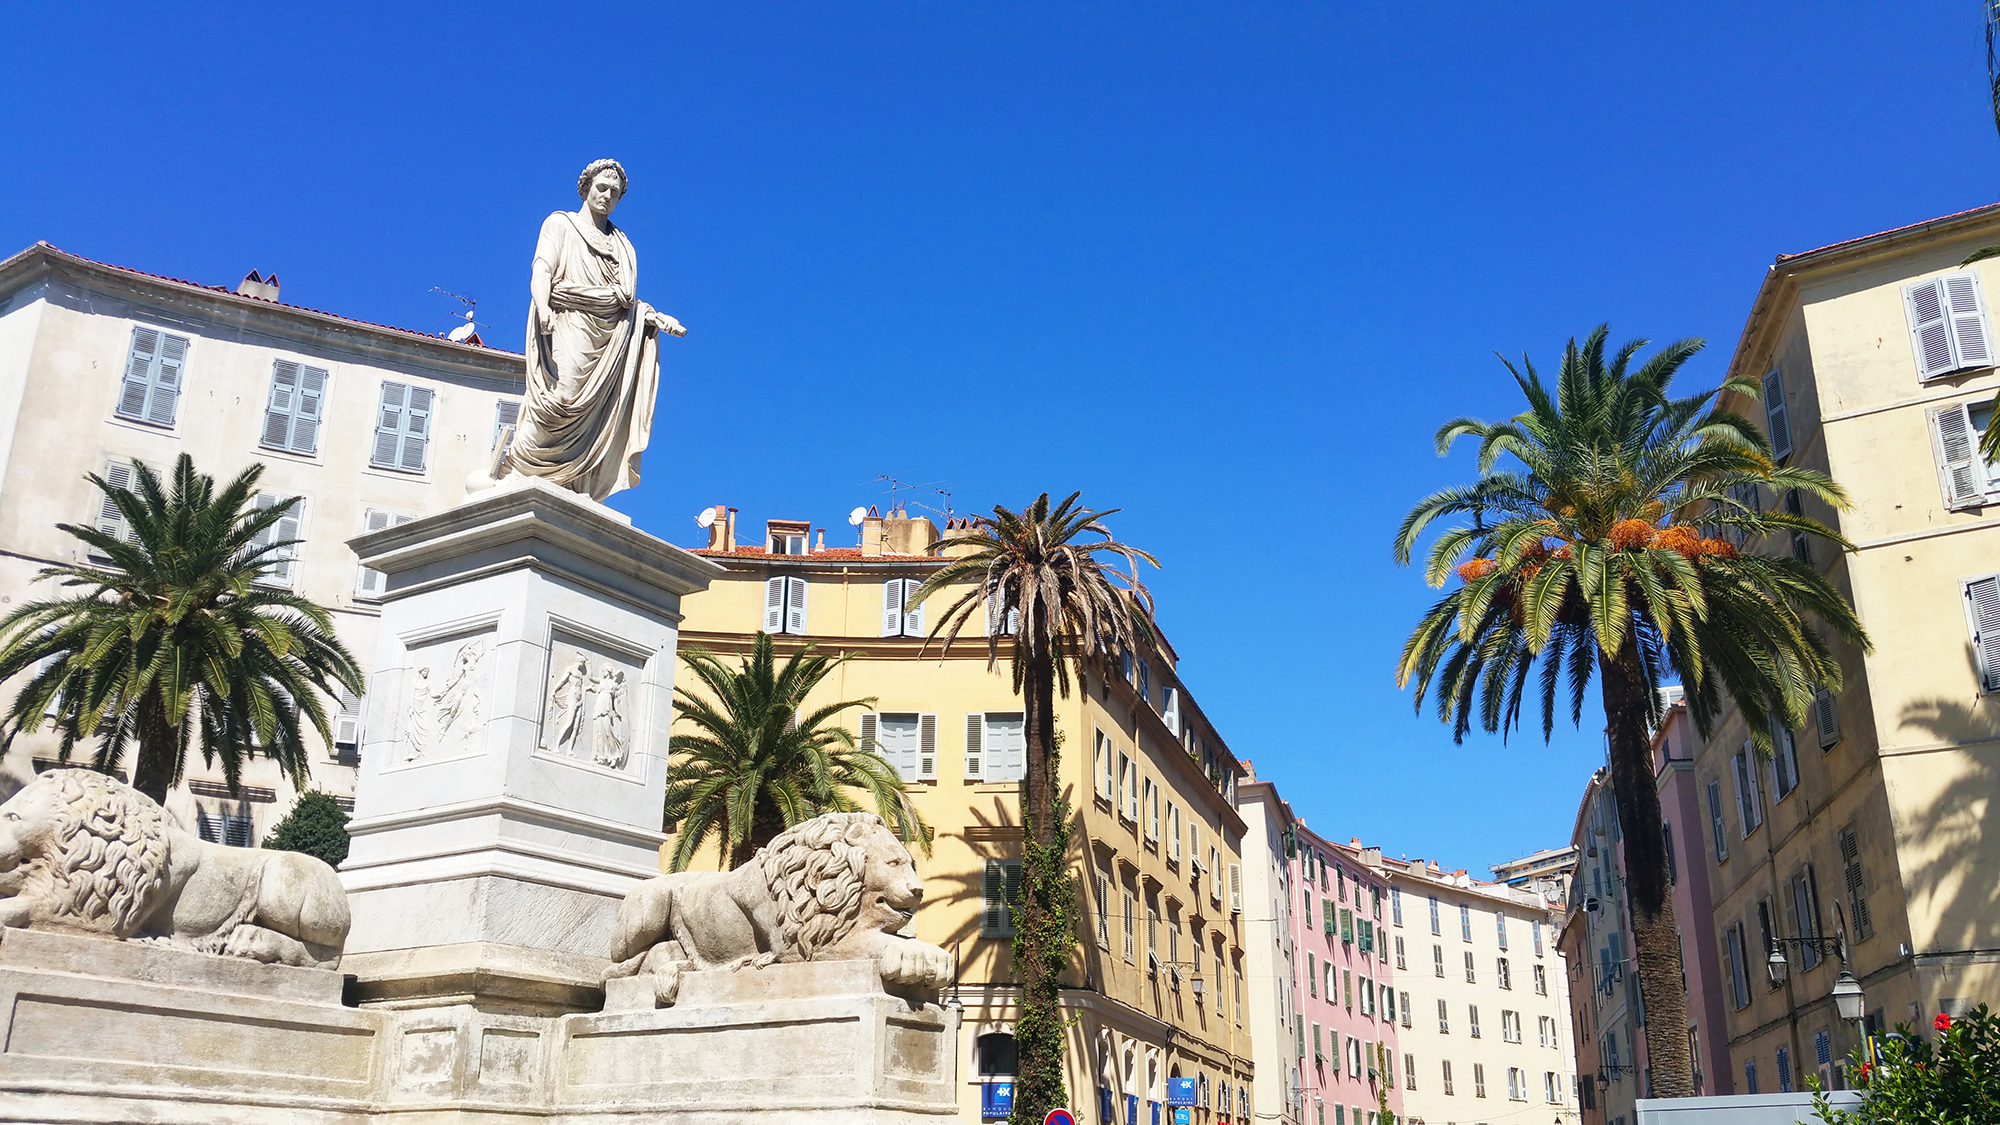 5 endroits incontournables en Corse - Ajaccio